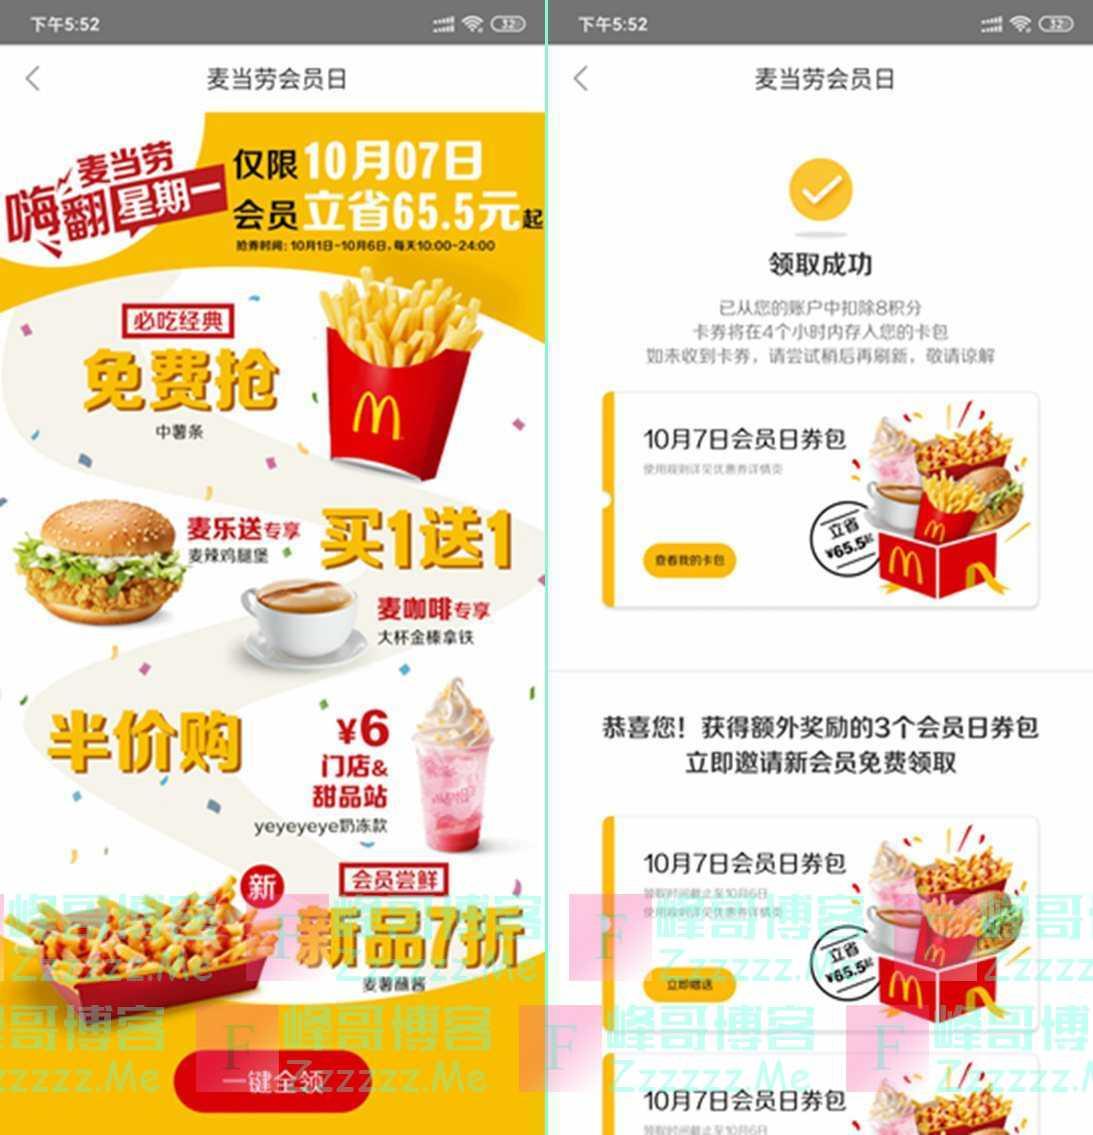 麦当劳每月8号会员日活动 免费领中薯条一份!